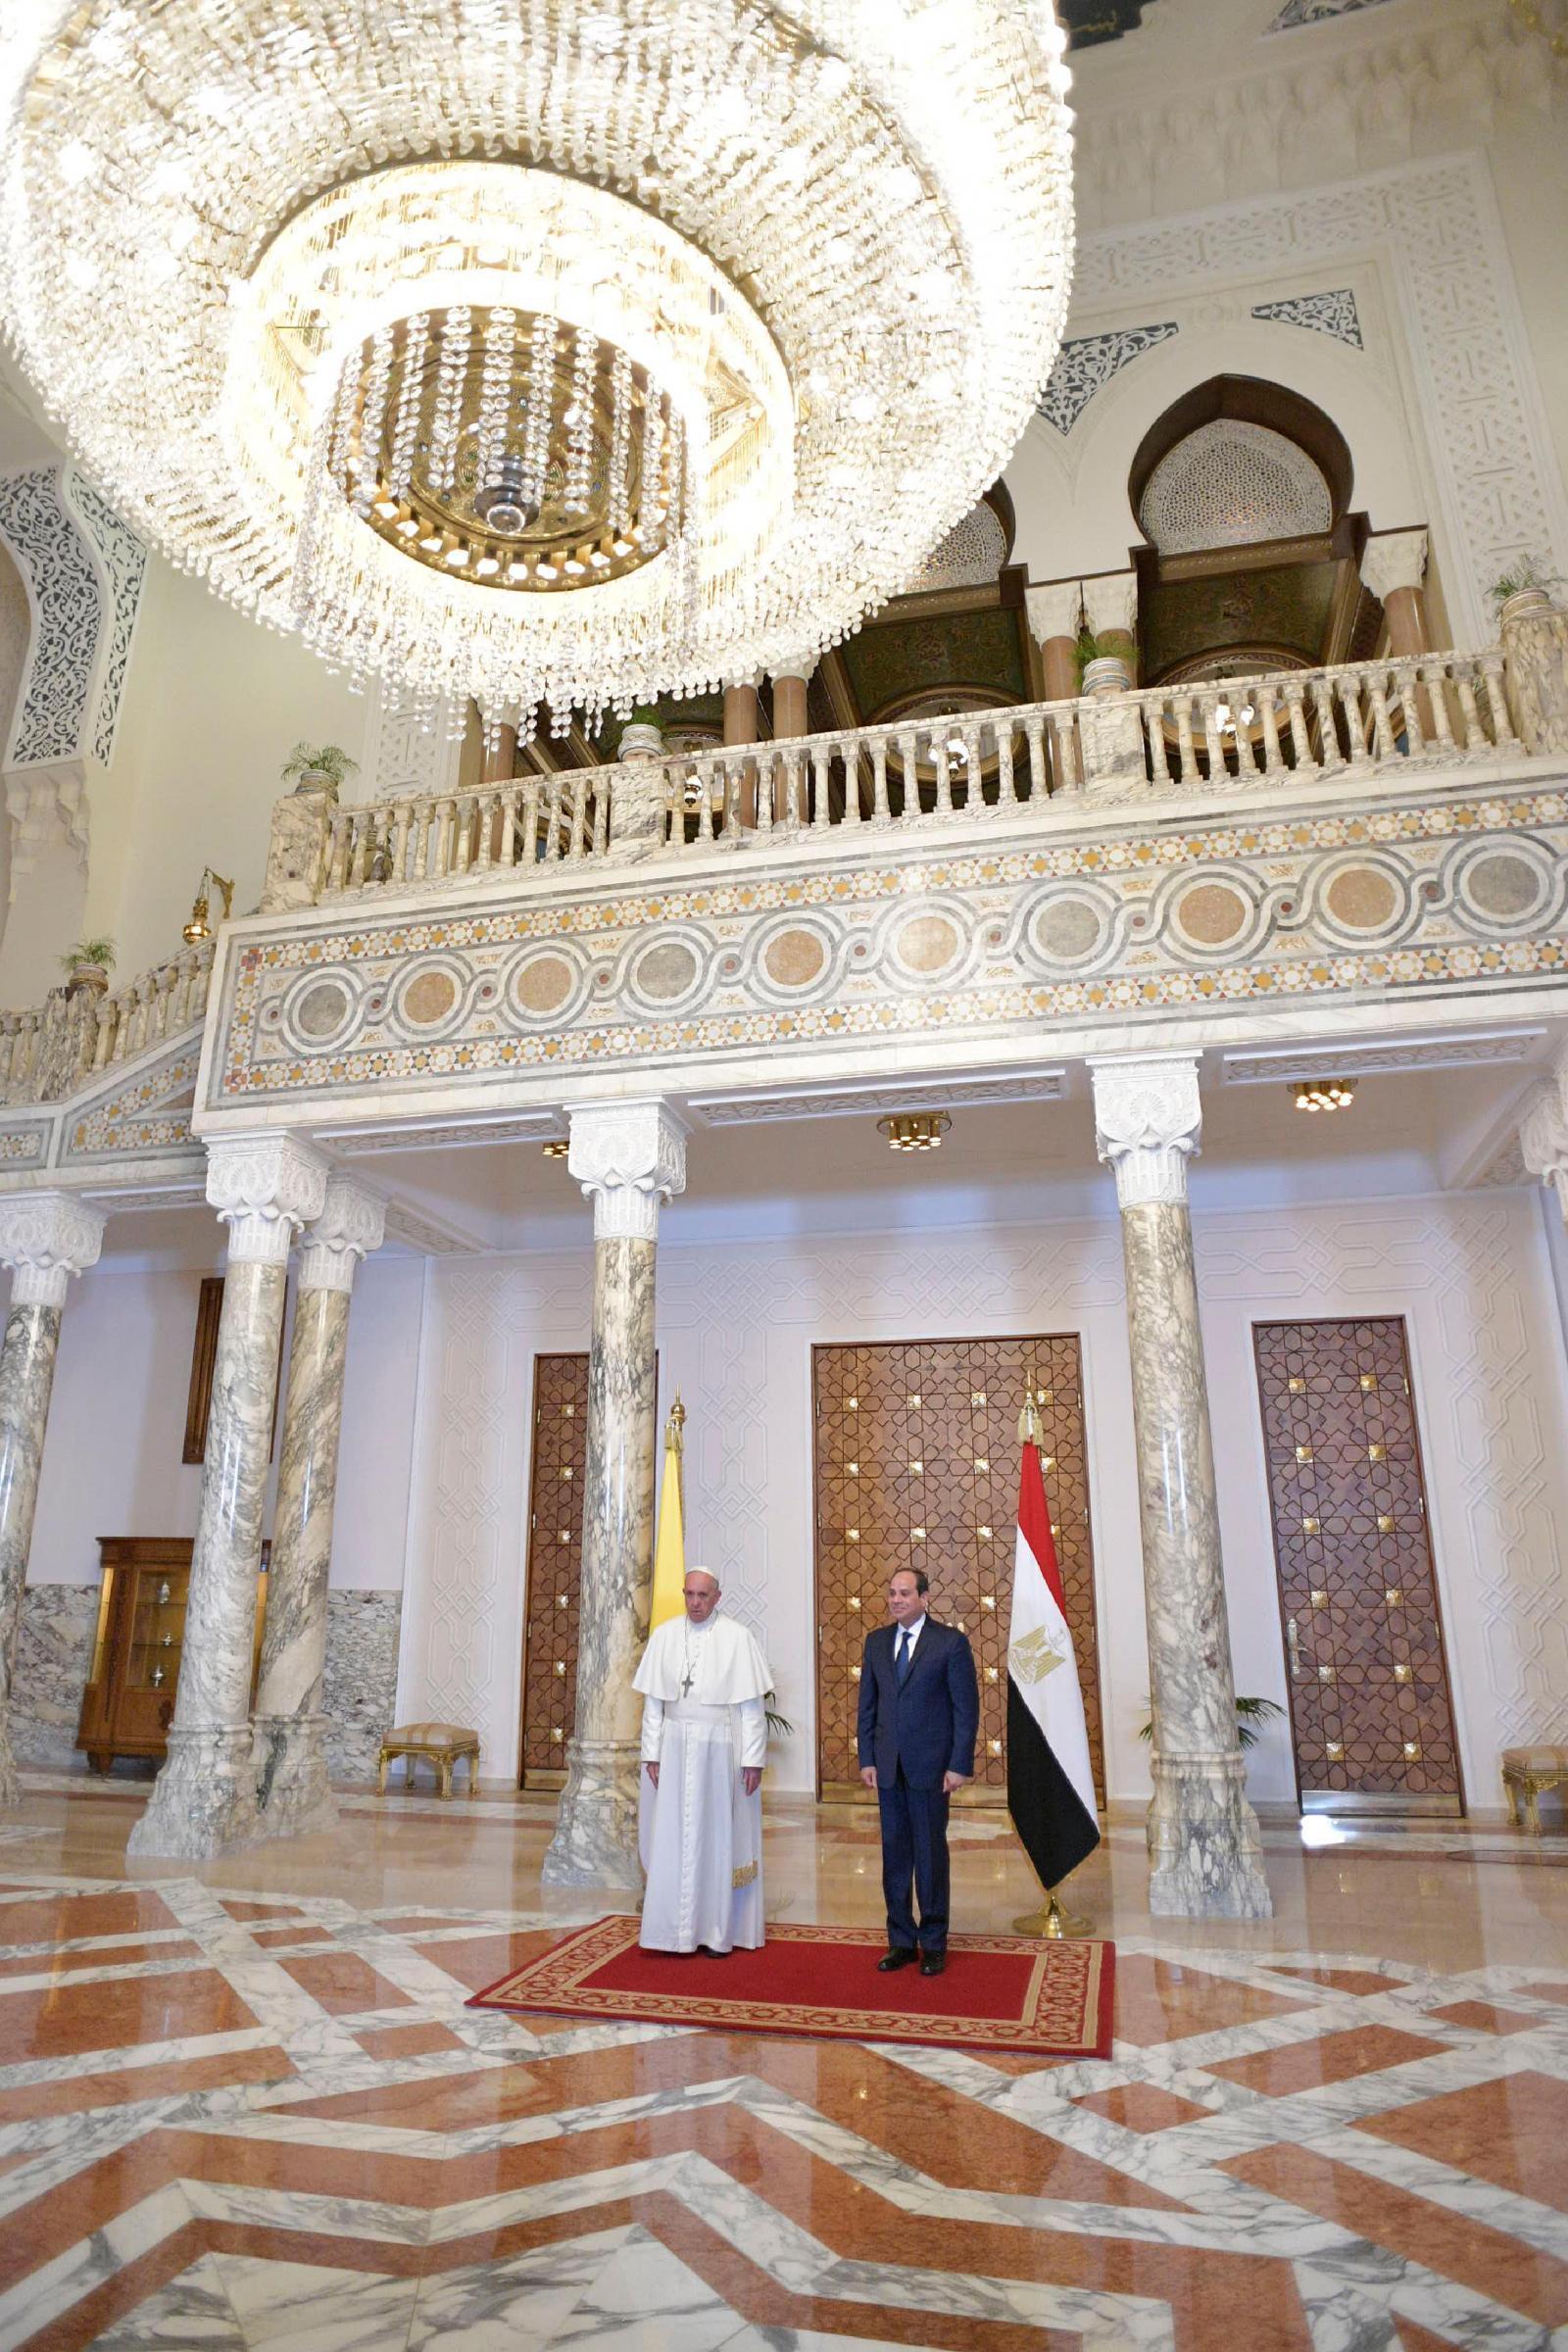 Incontri e costumi di matrimonio in Egitto